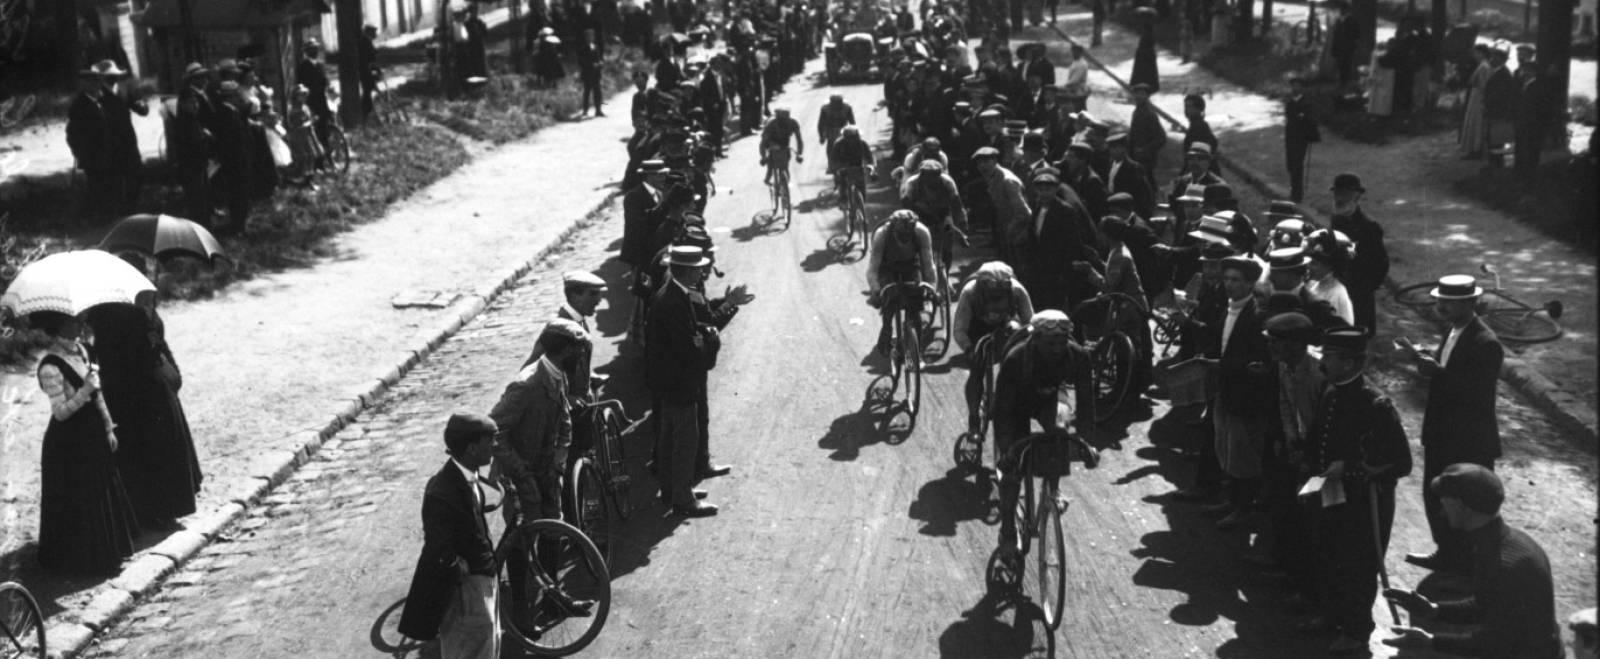 La Naissance Du Tour De France En 1903 Retronews Le Site De Presse De La Bnf